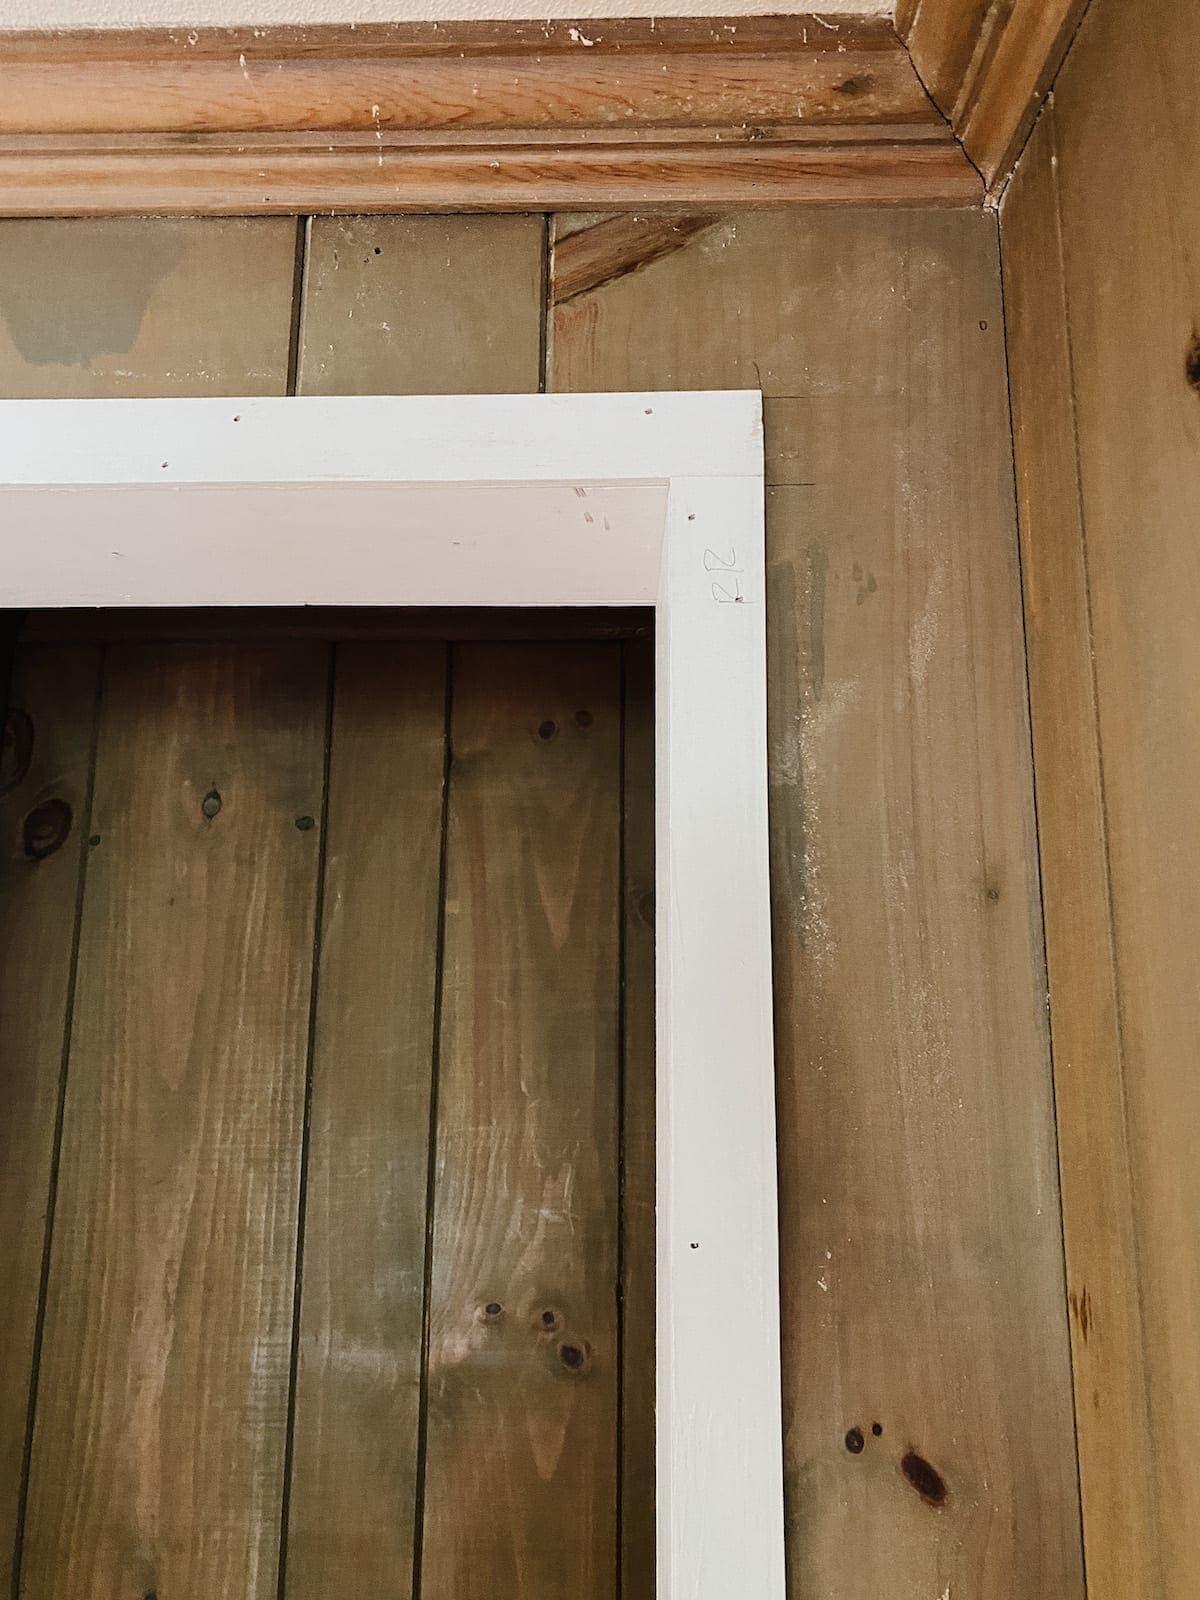 closet doorway frame